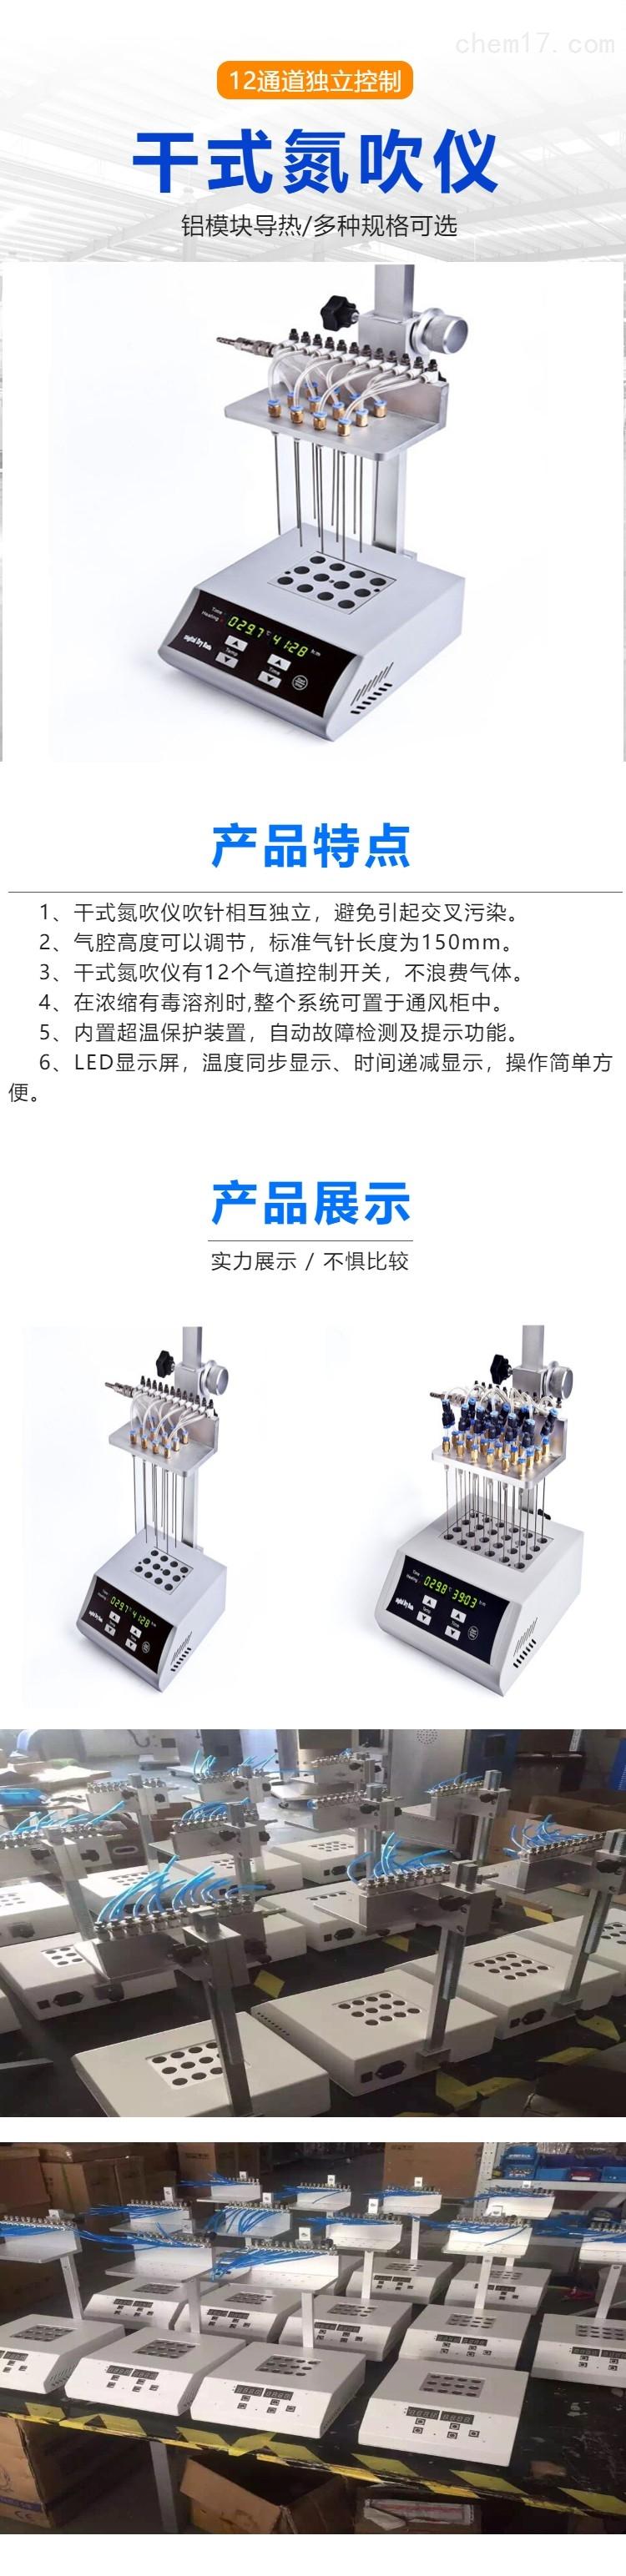 干式氮吹仪Y.jpg